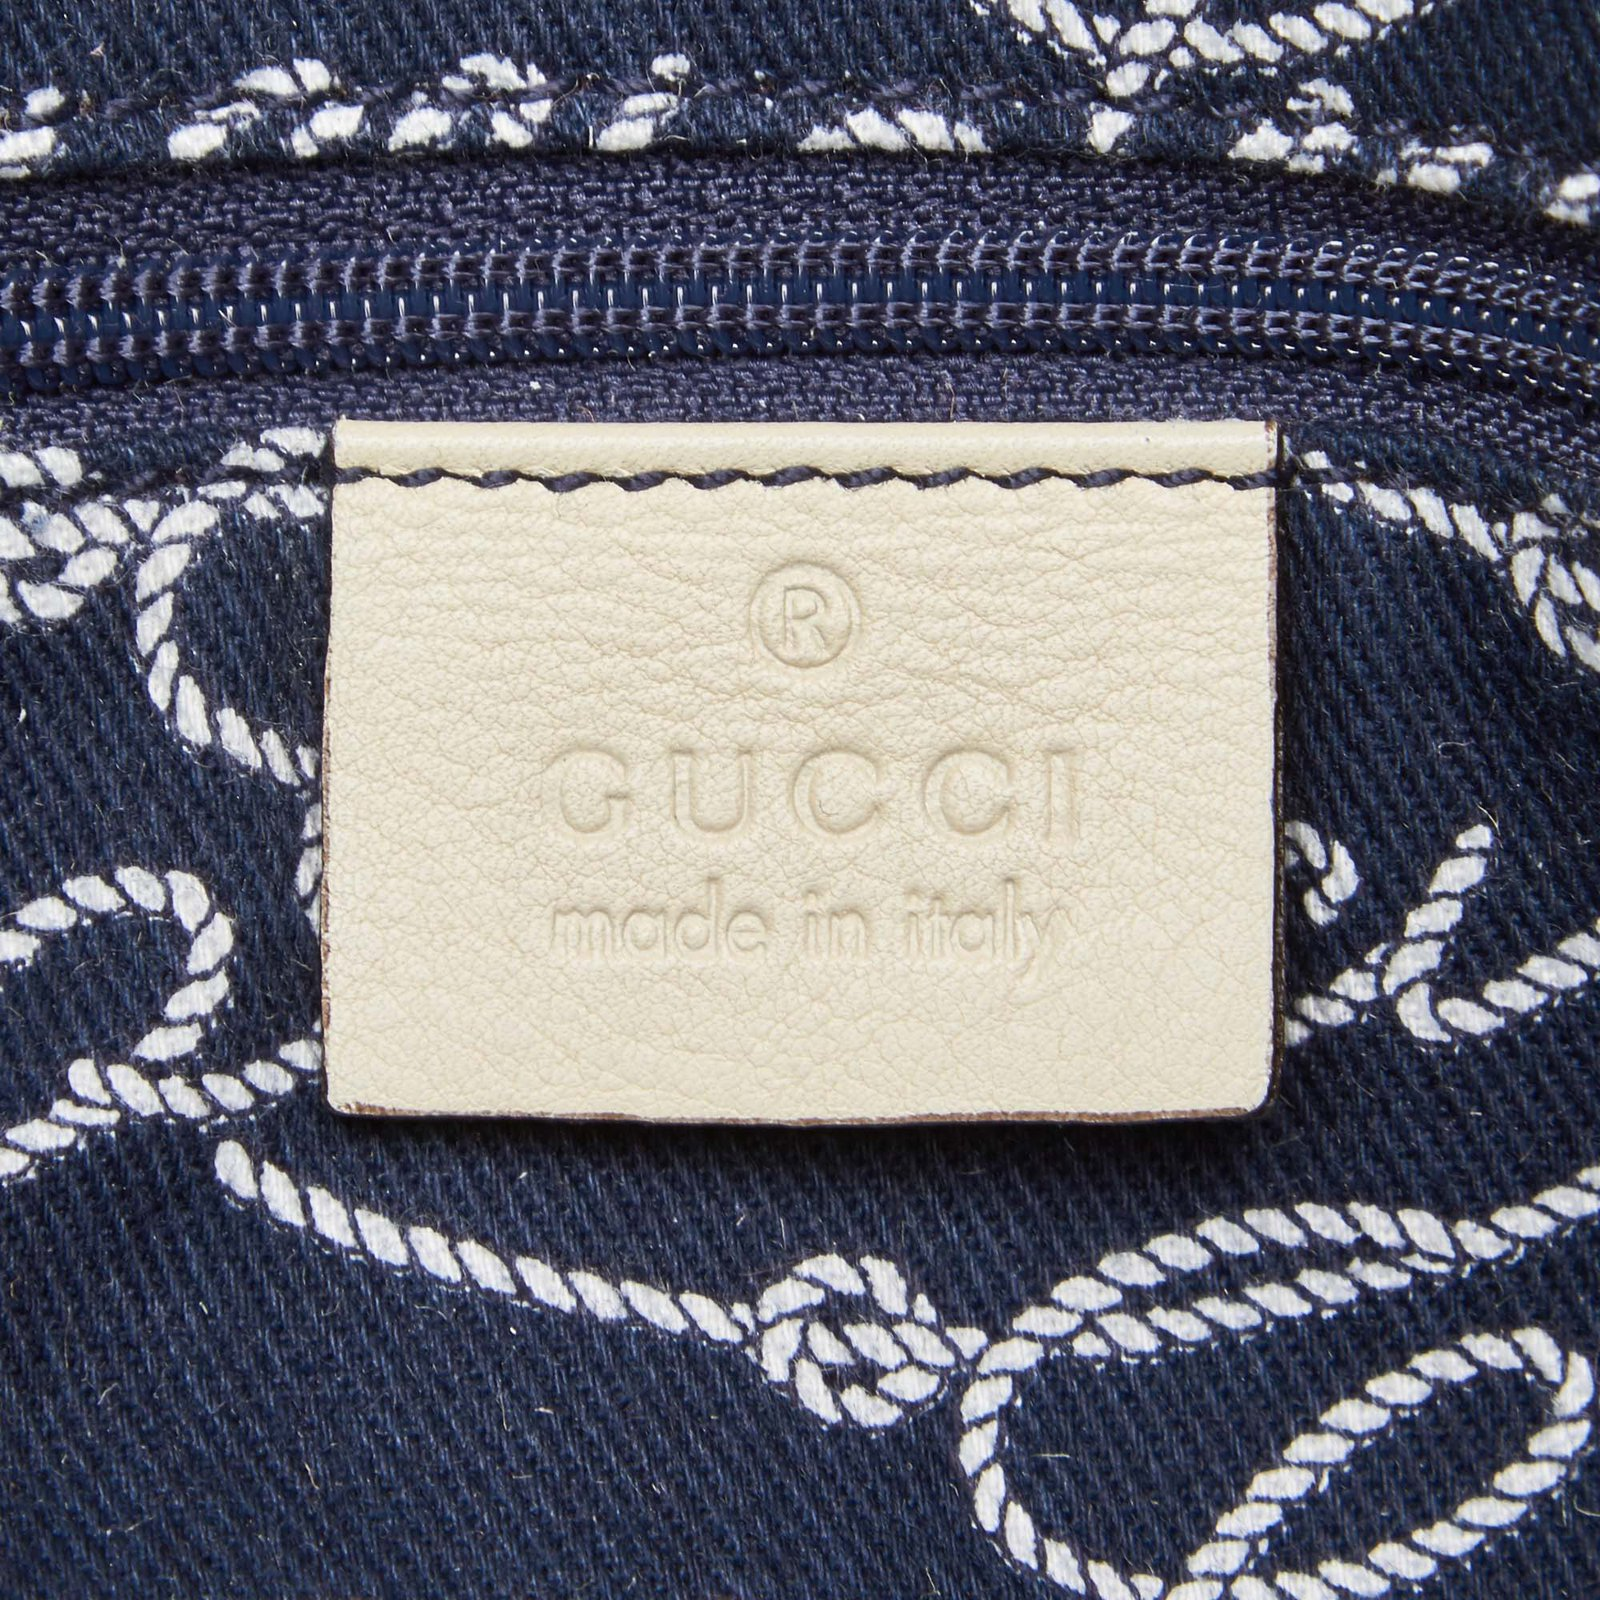 df1a2efd49e56c Gucci Script Logo Nylon Tote Totes Leather,Other,Nylon,Cloth White,Blue,Cream,Navy  blue ref.91118 - Joli Closet